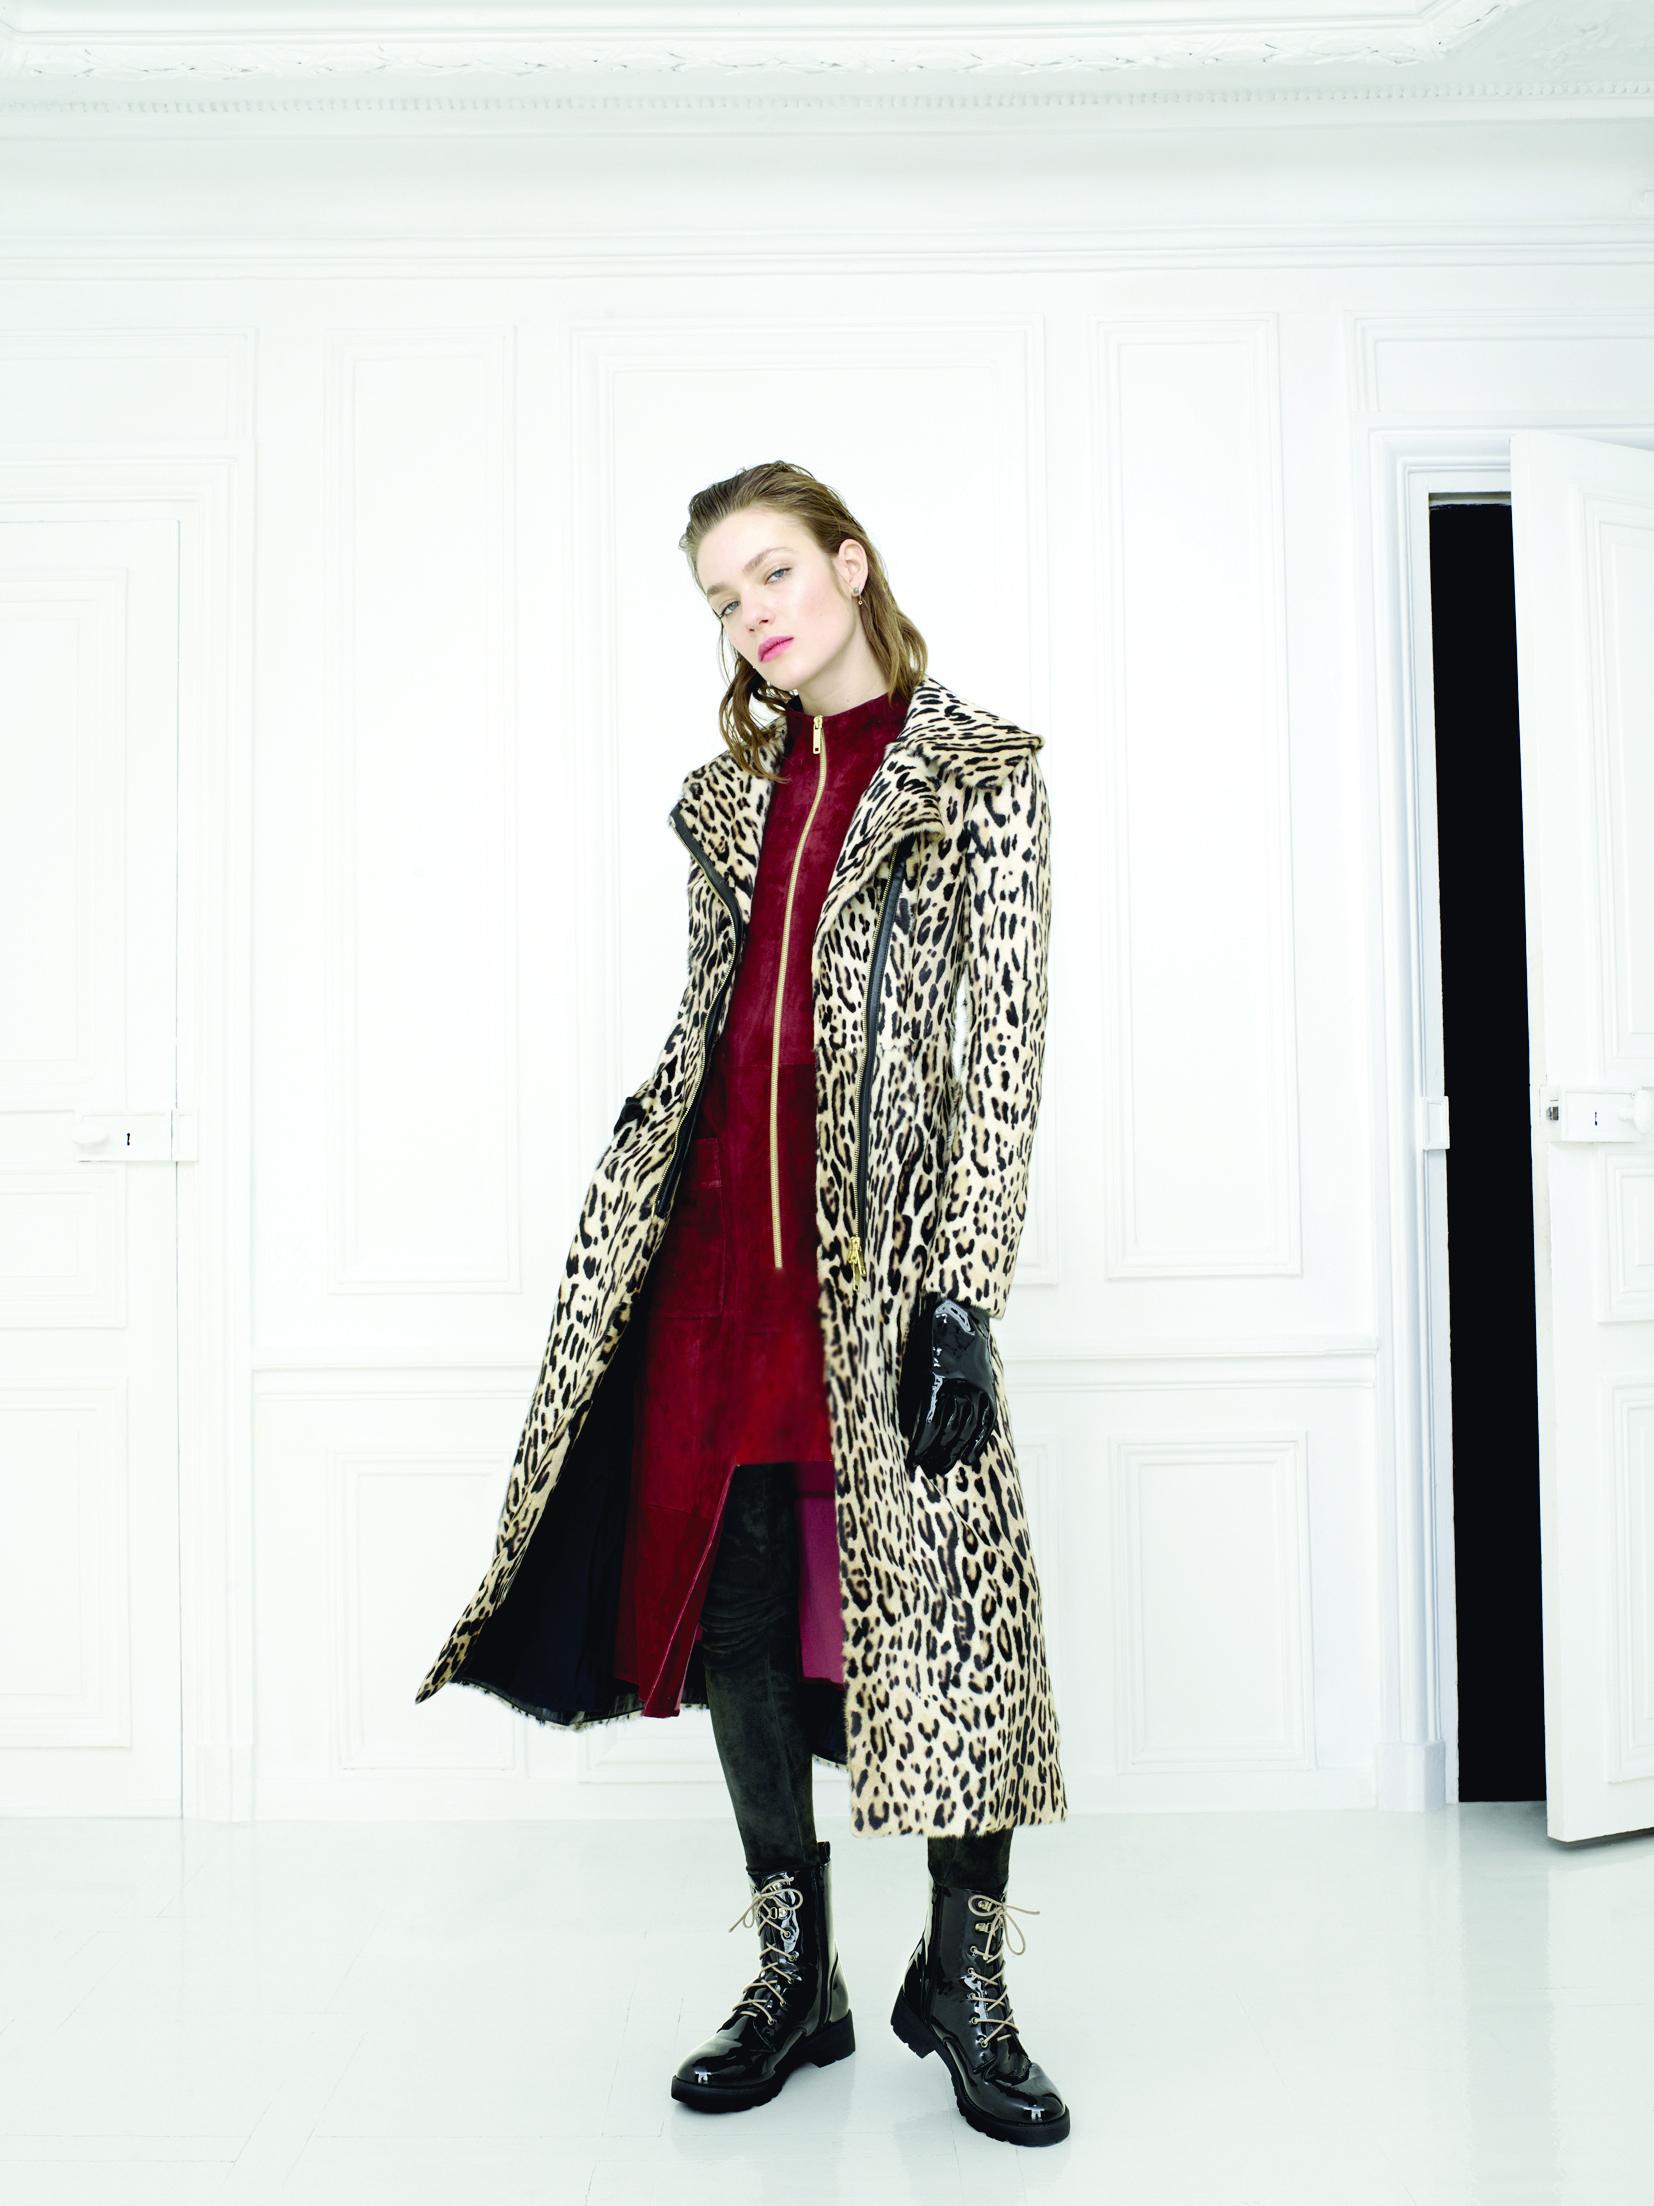 مصمّم الأزياء الفرنسي جان كلود جيتروا لـ«الشبيبة»:داخل كل امرأة نساء عدة